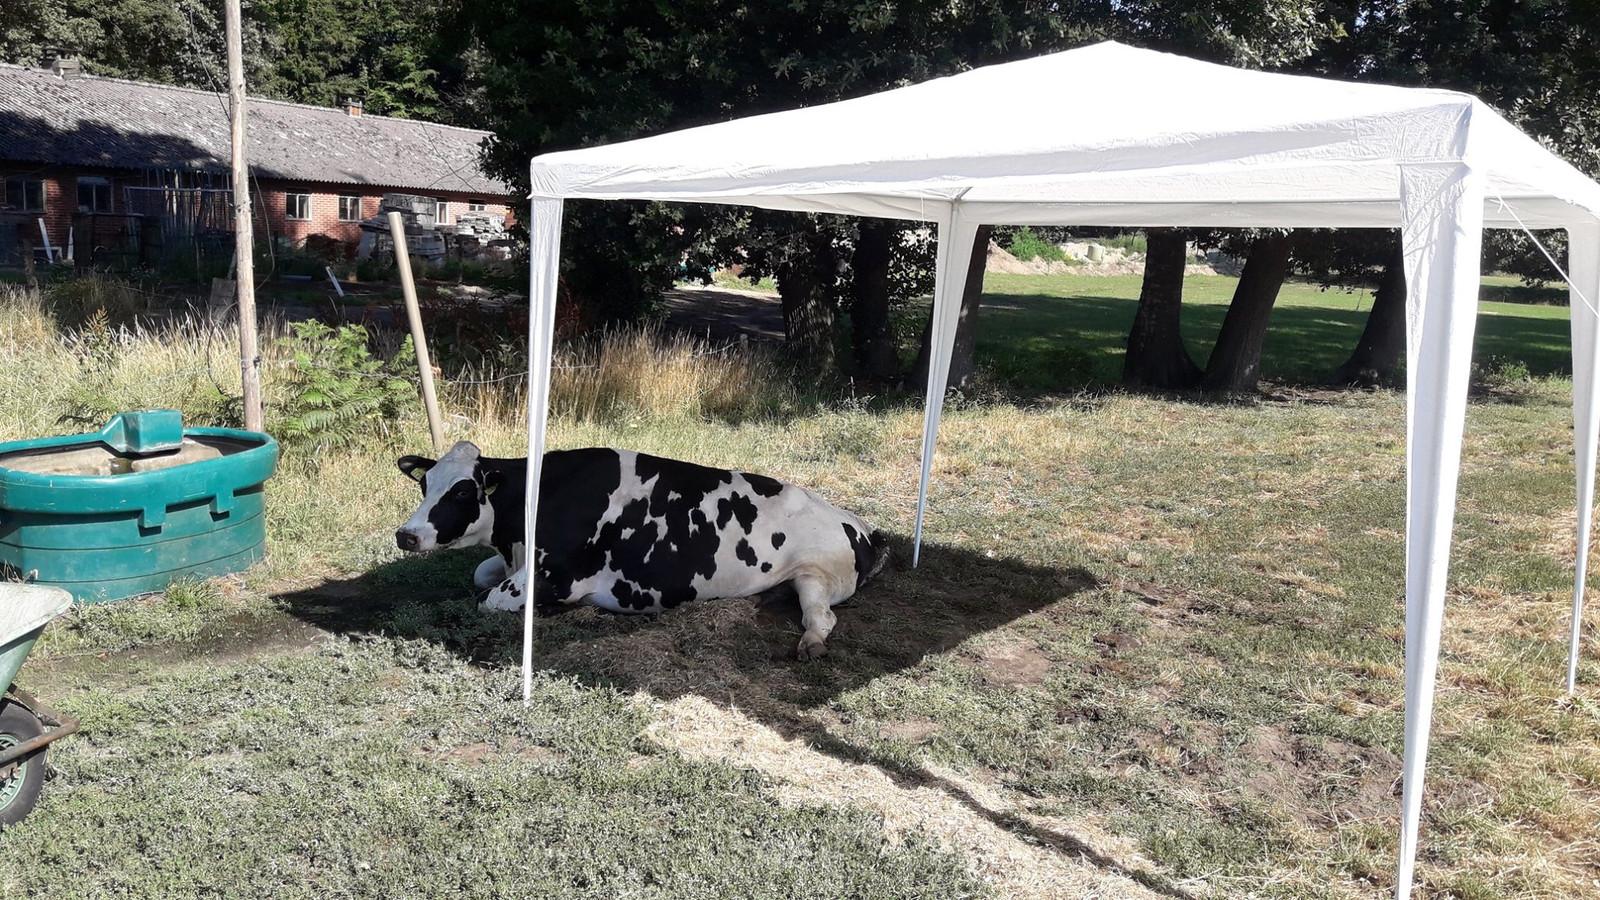 De koe van boer Martin in de schaduw van de partytent.